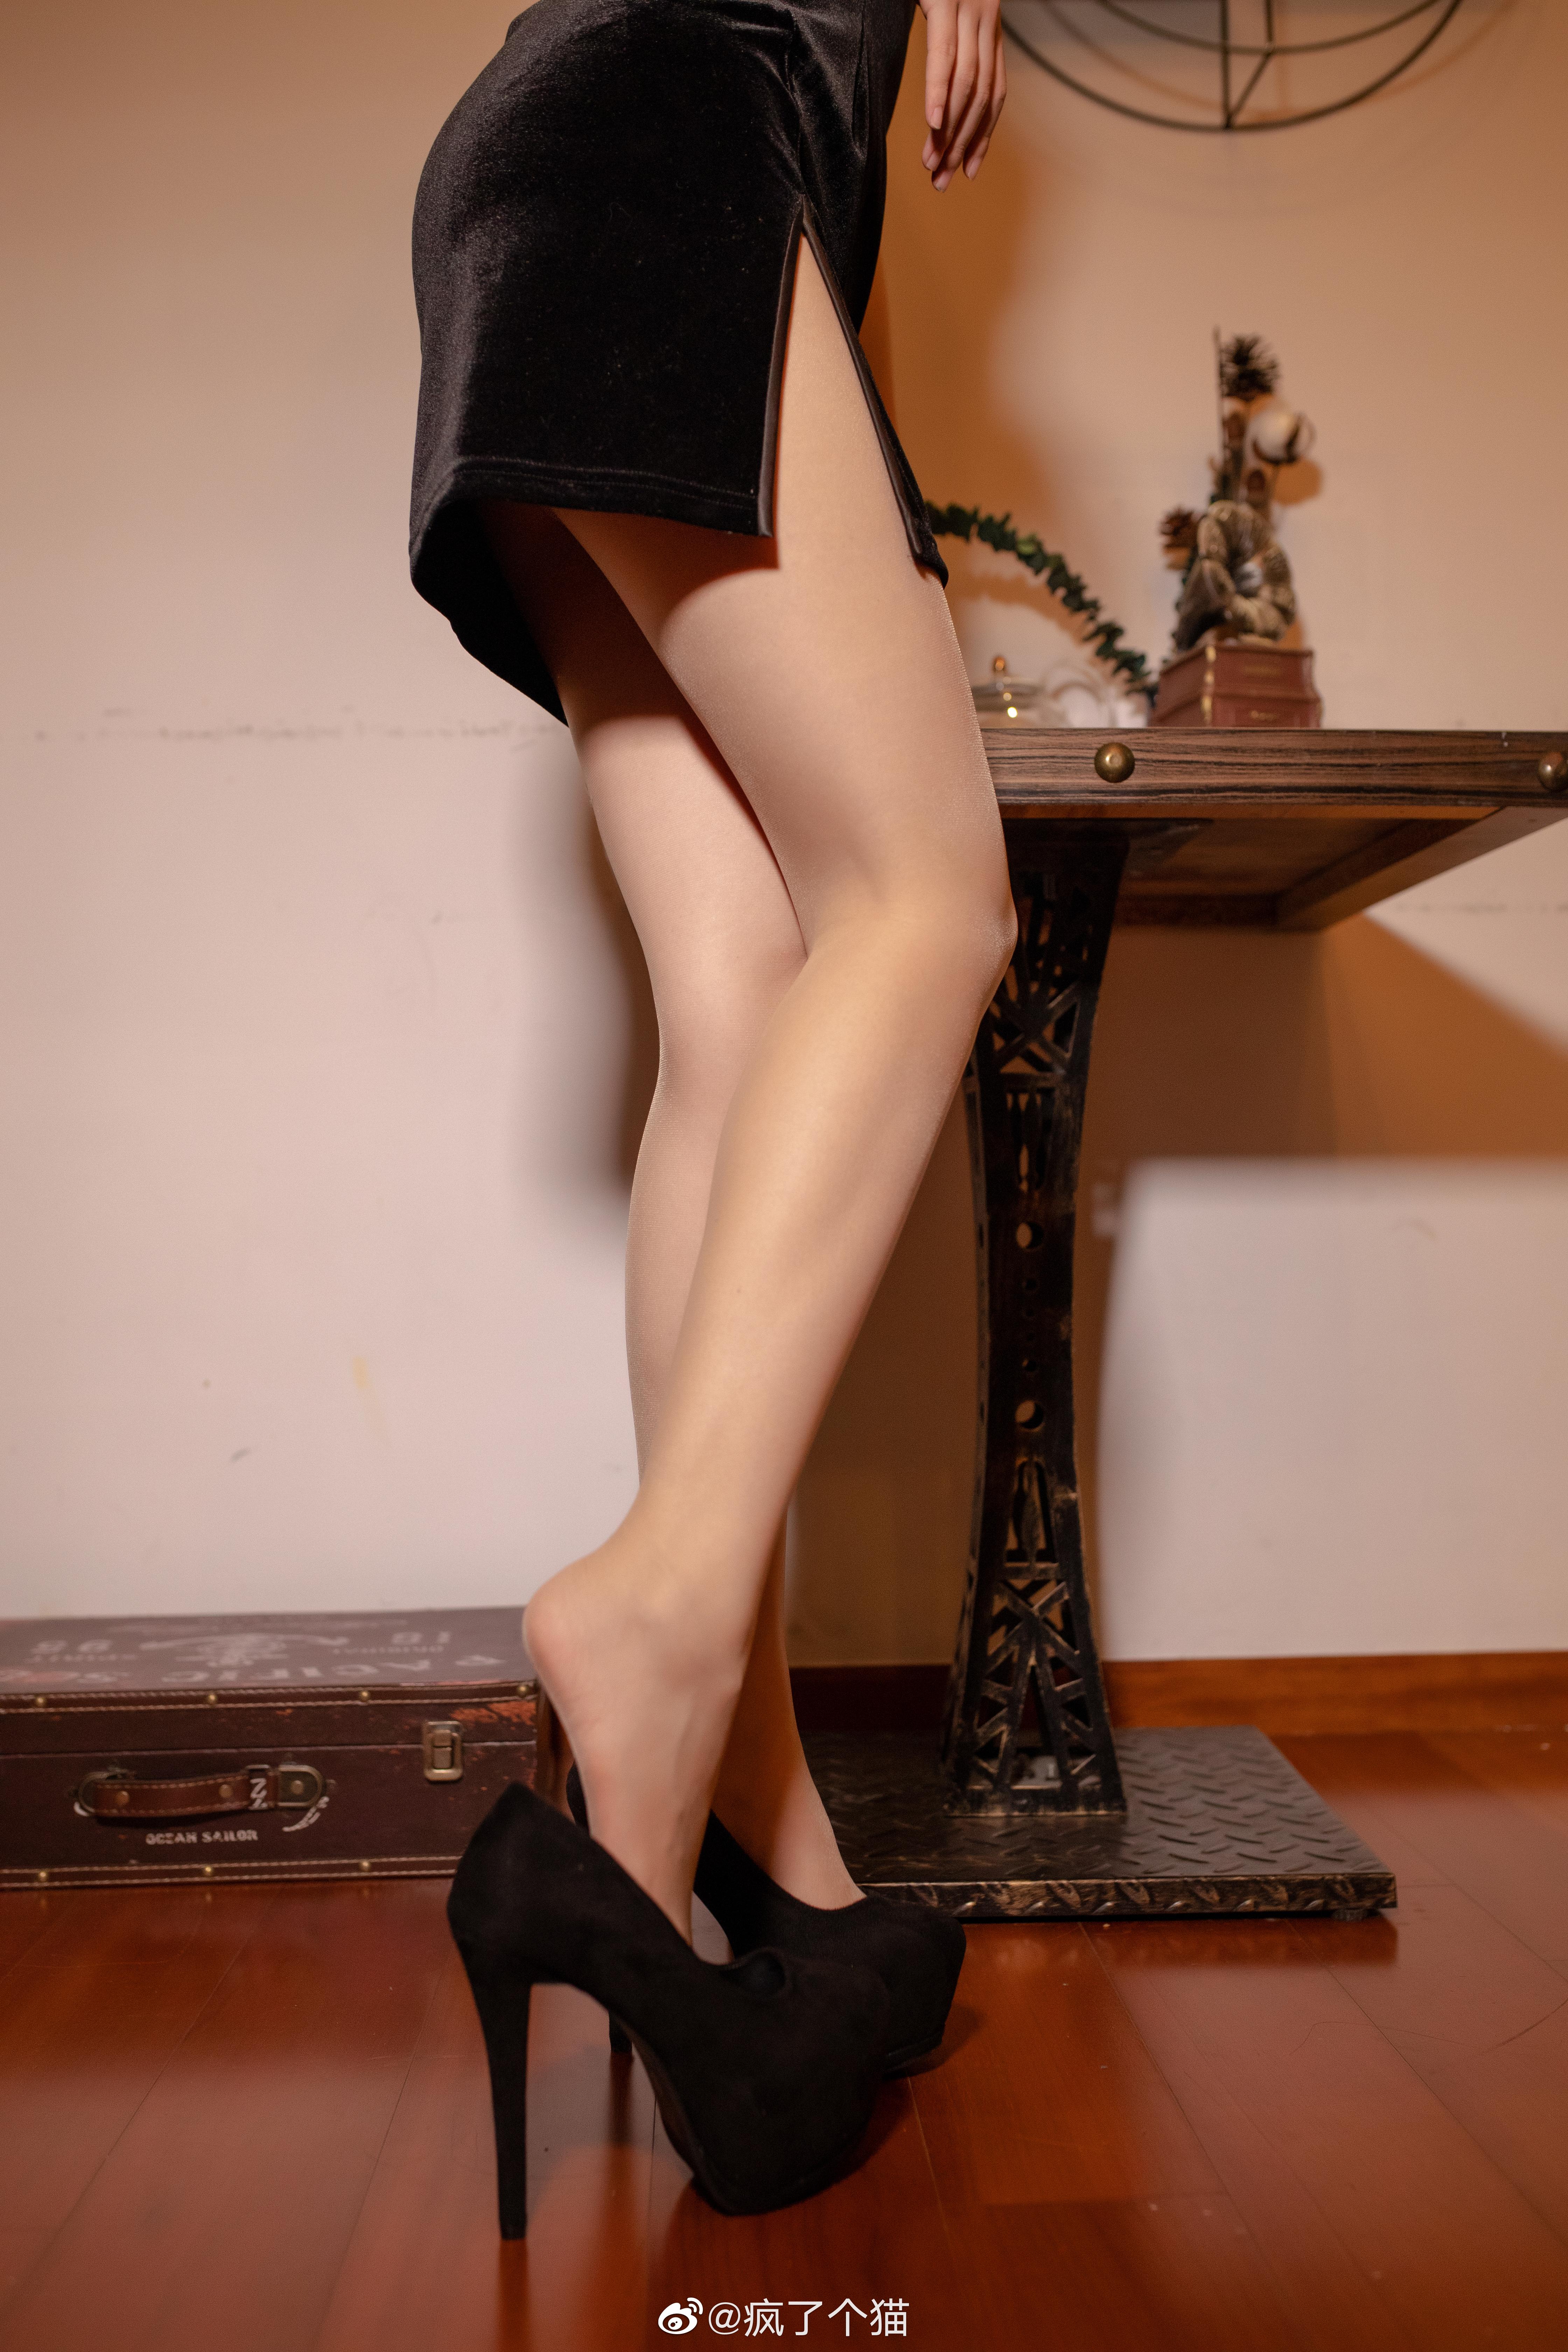 这个肉丝+旗袍太可了 美女写真-第8张